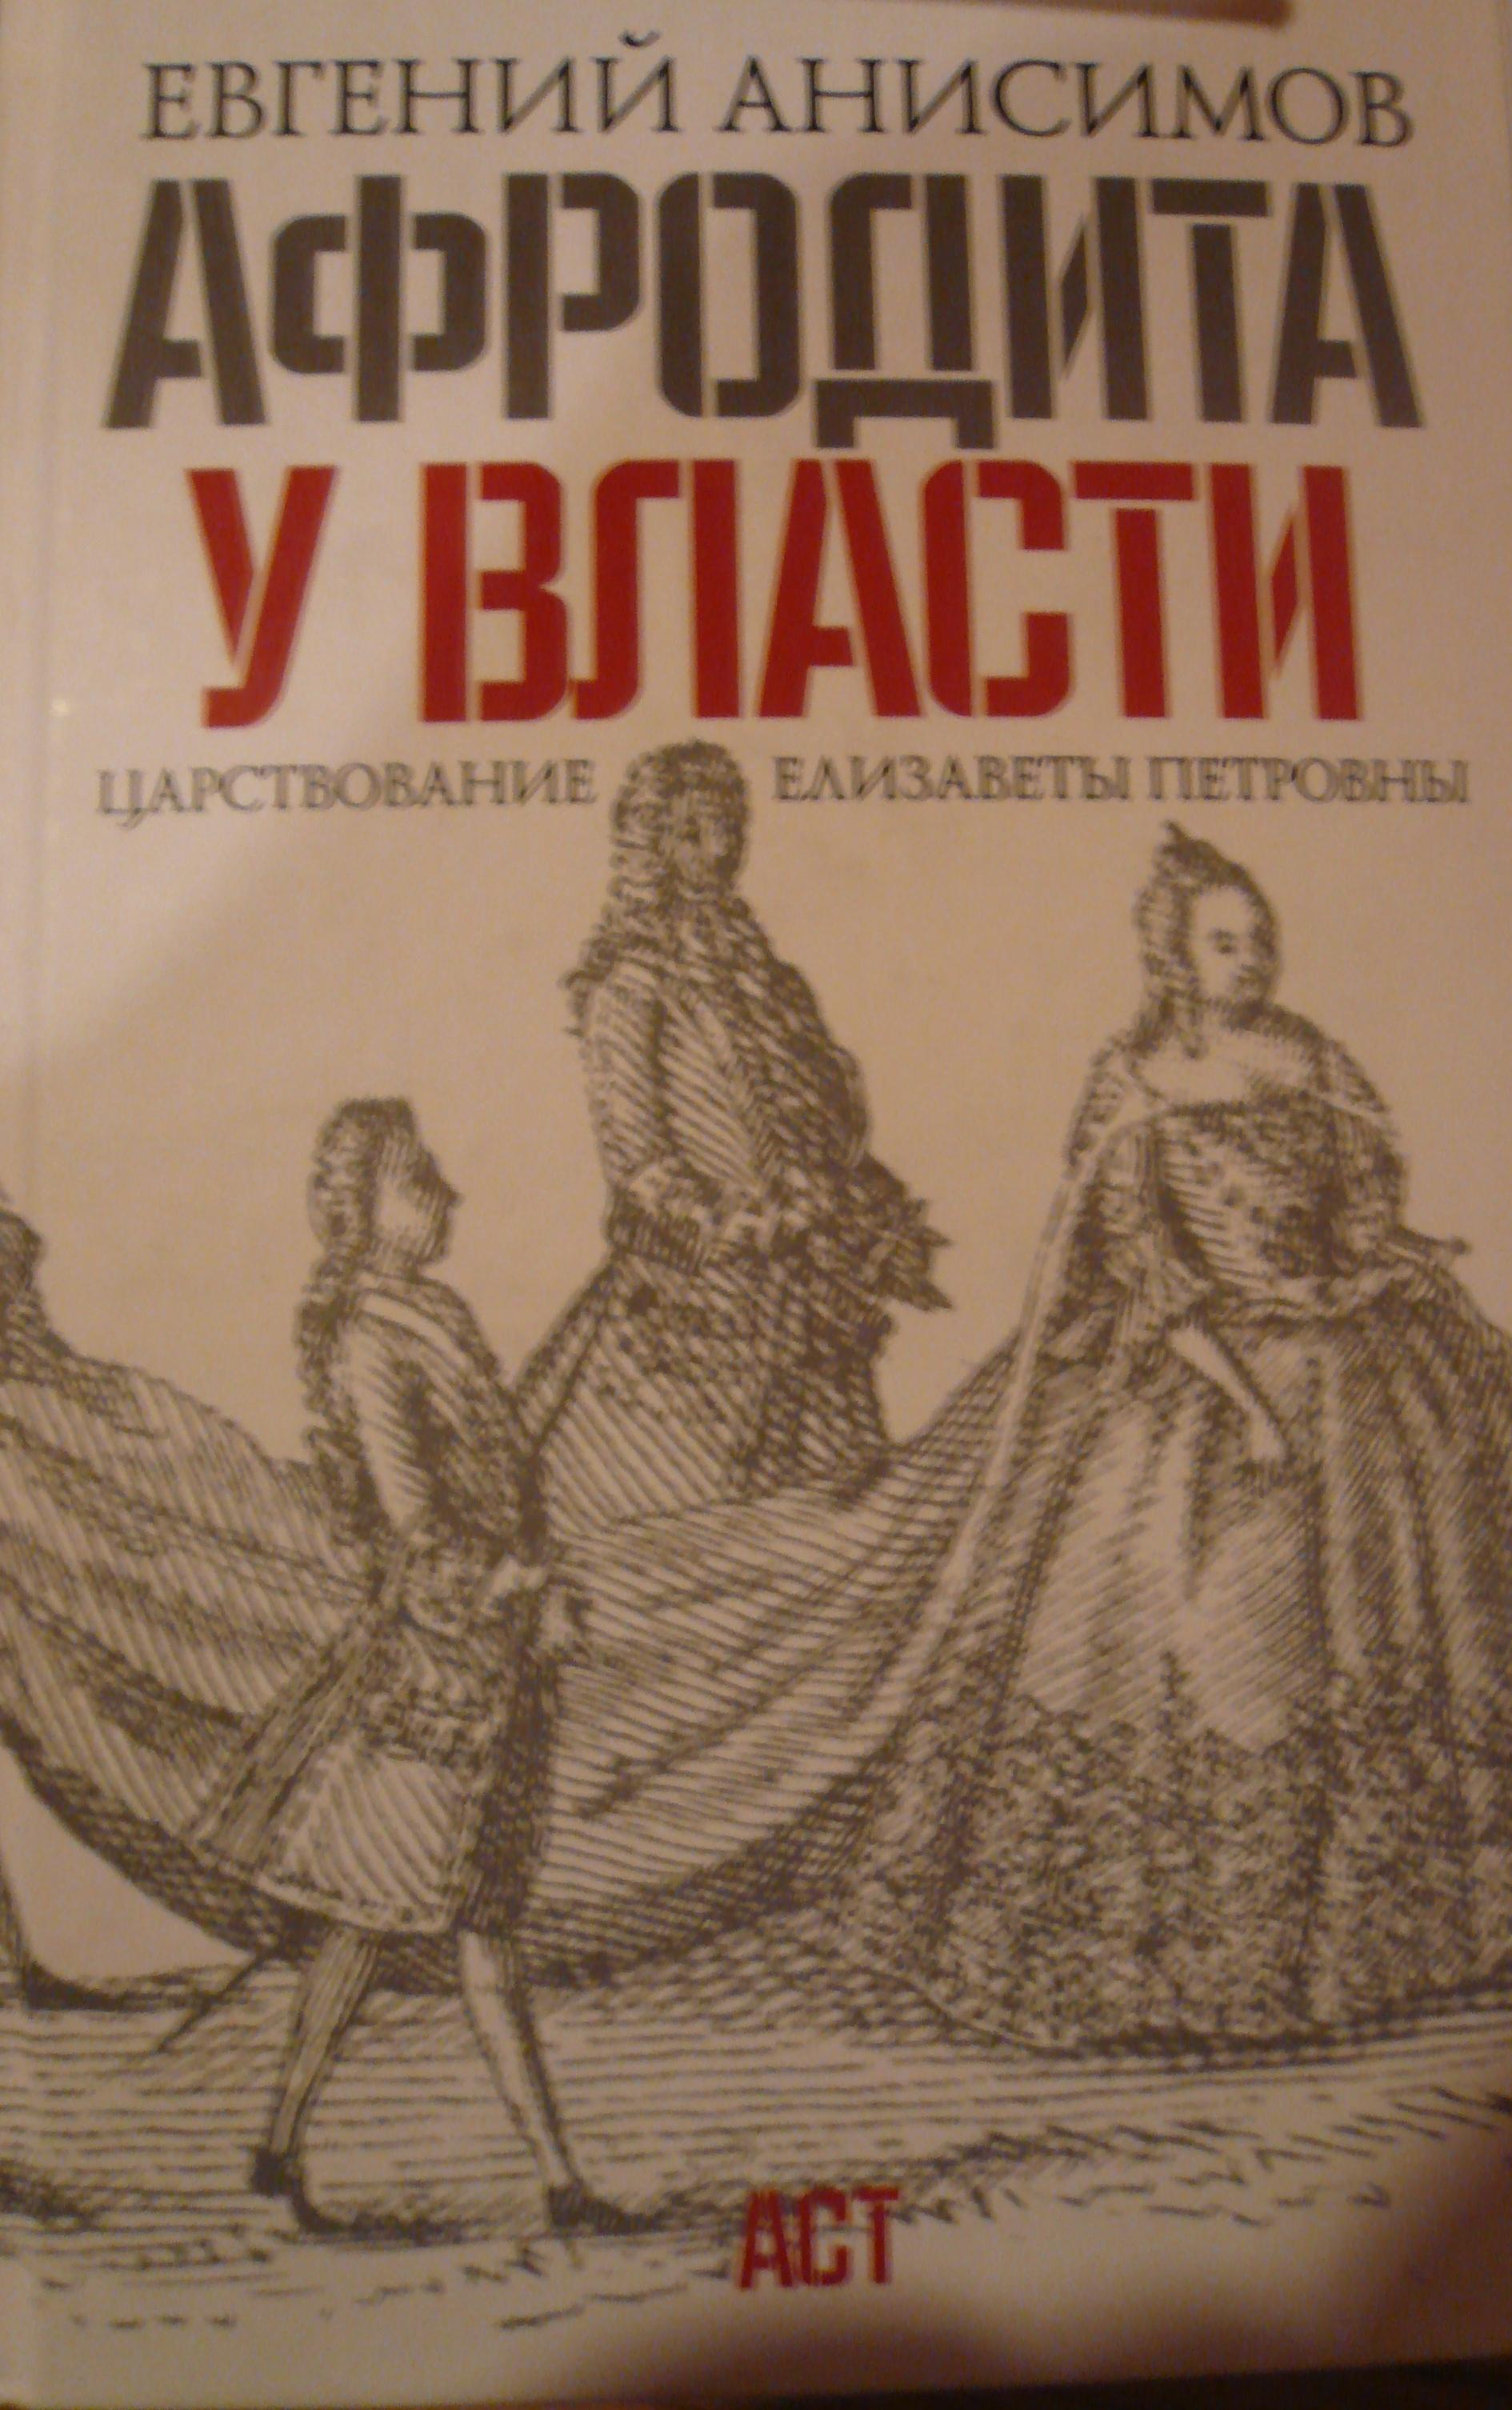 Афродита у власти: Царствование Елизаветы Петровны